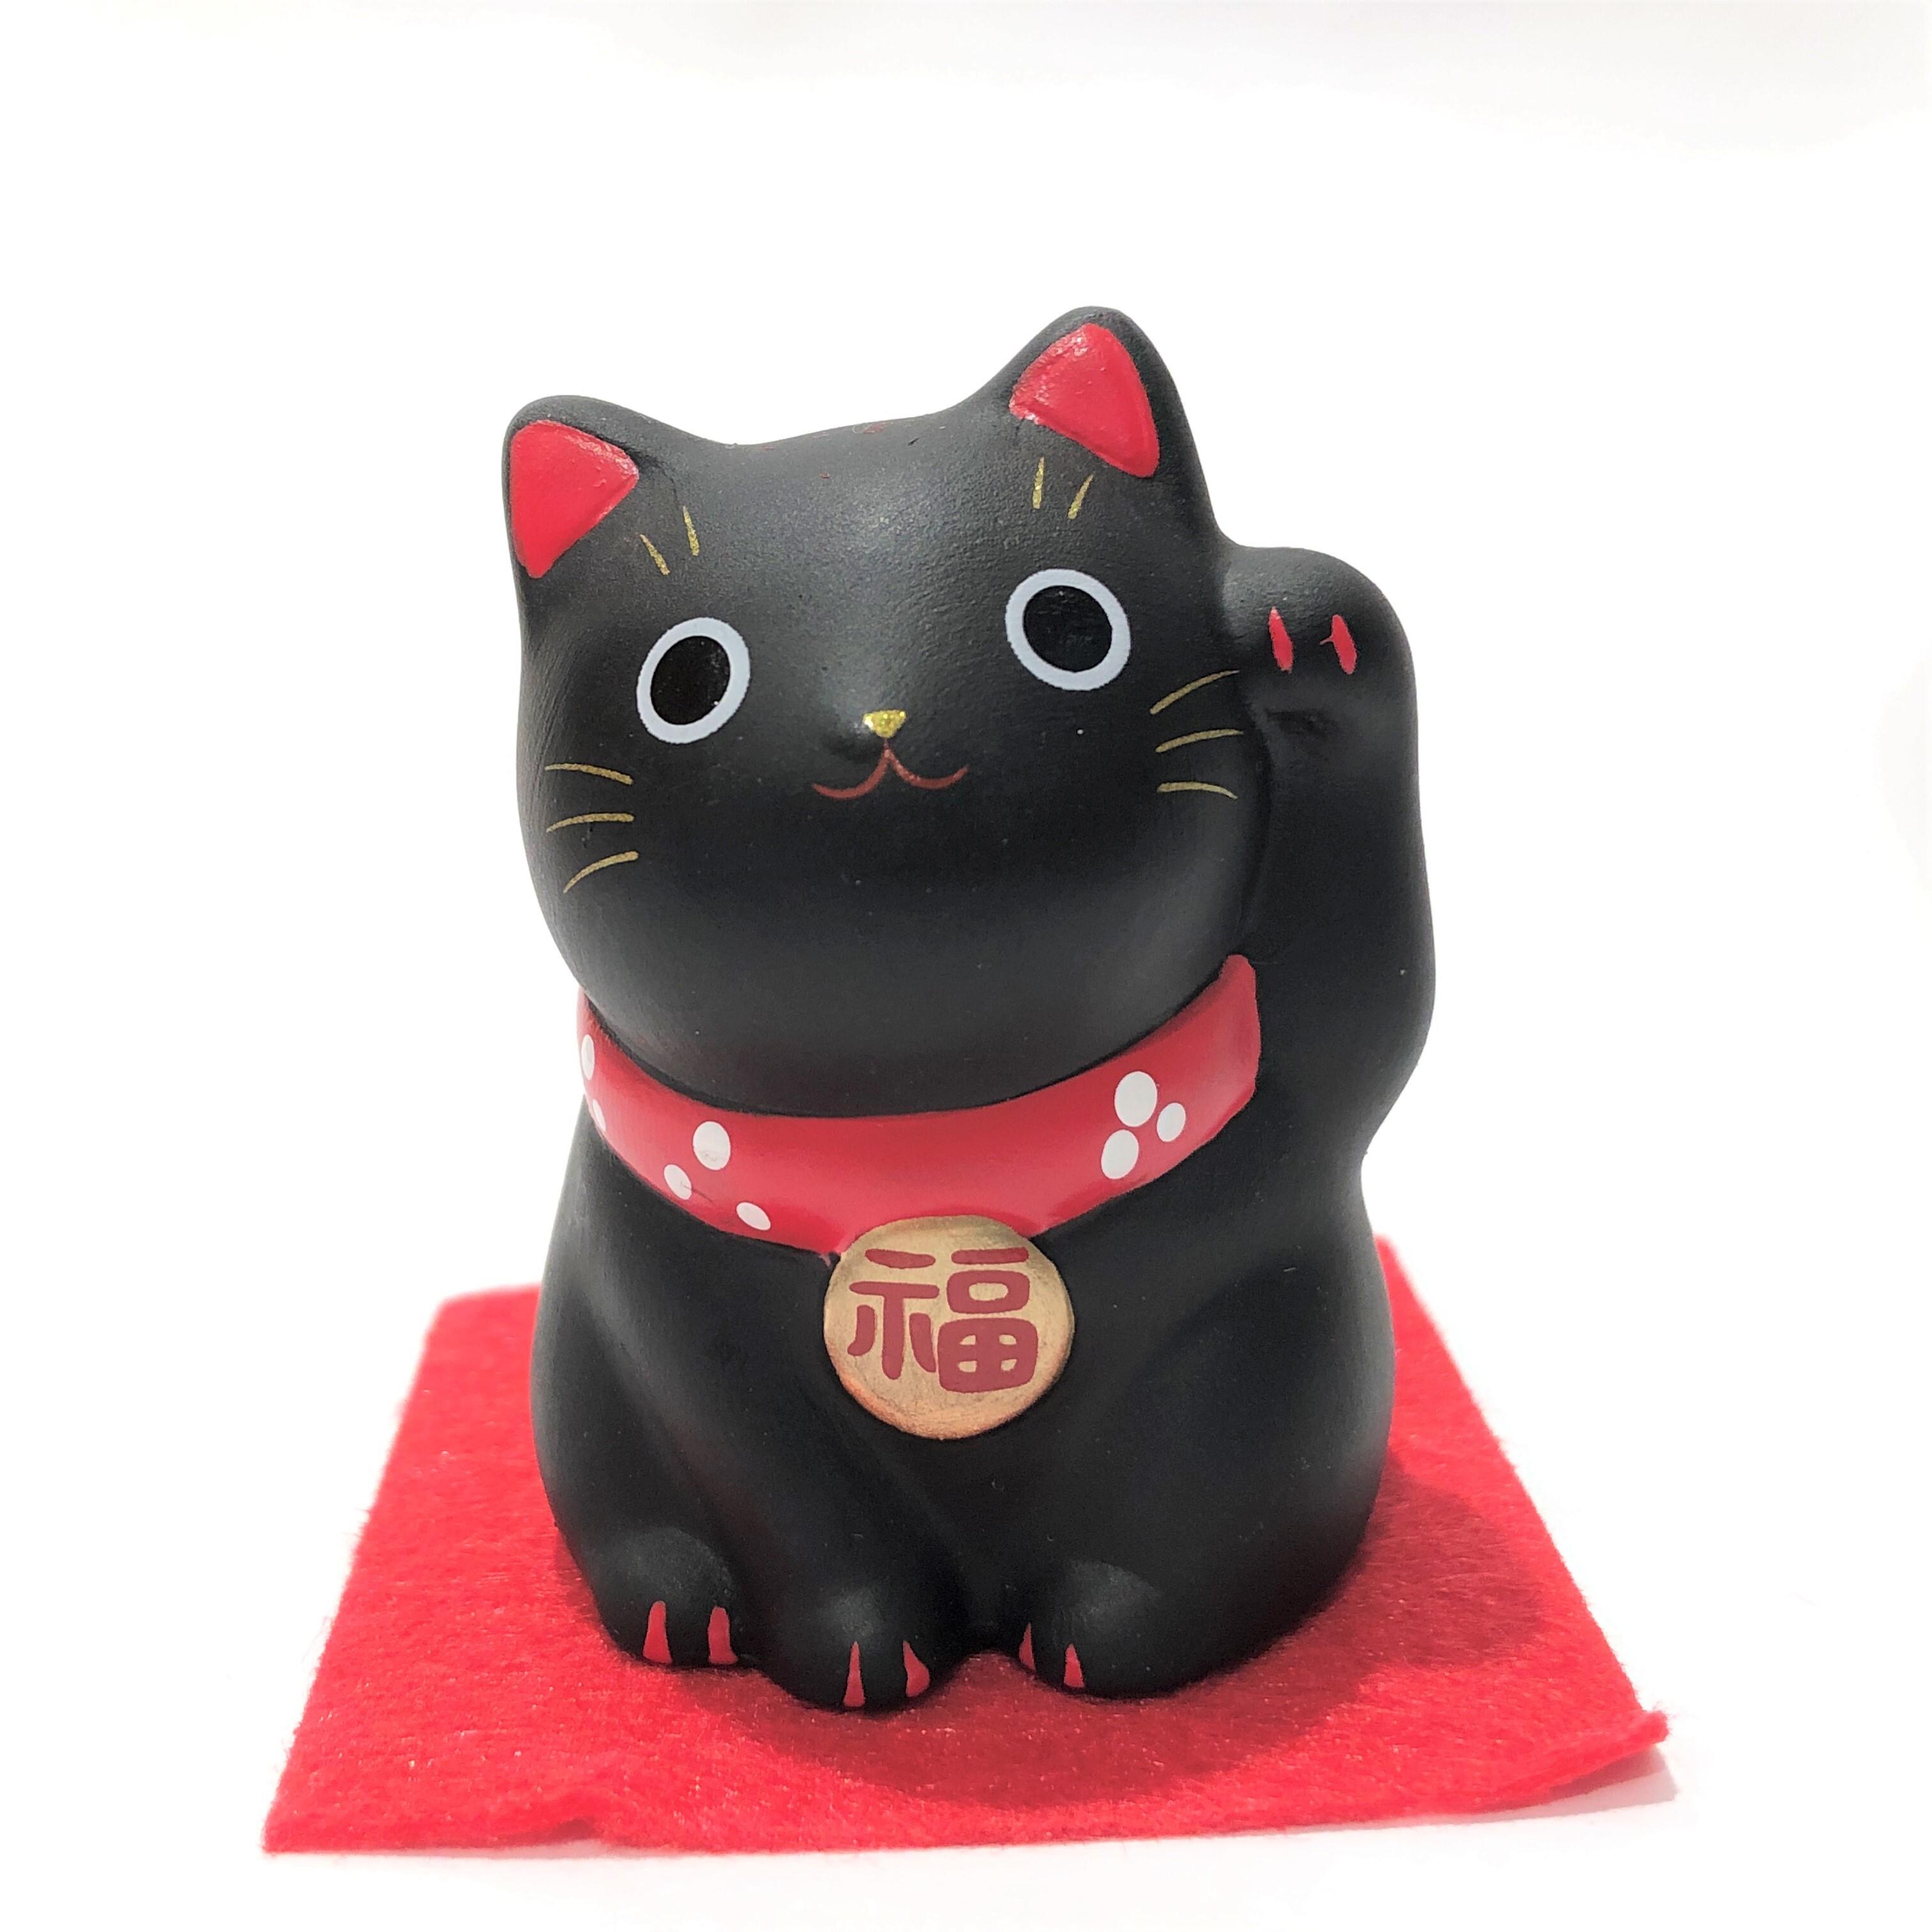 錦彩福おいで招き猫 黒猫 家内安全